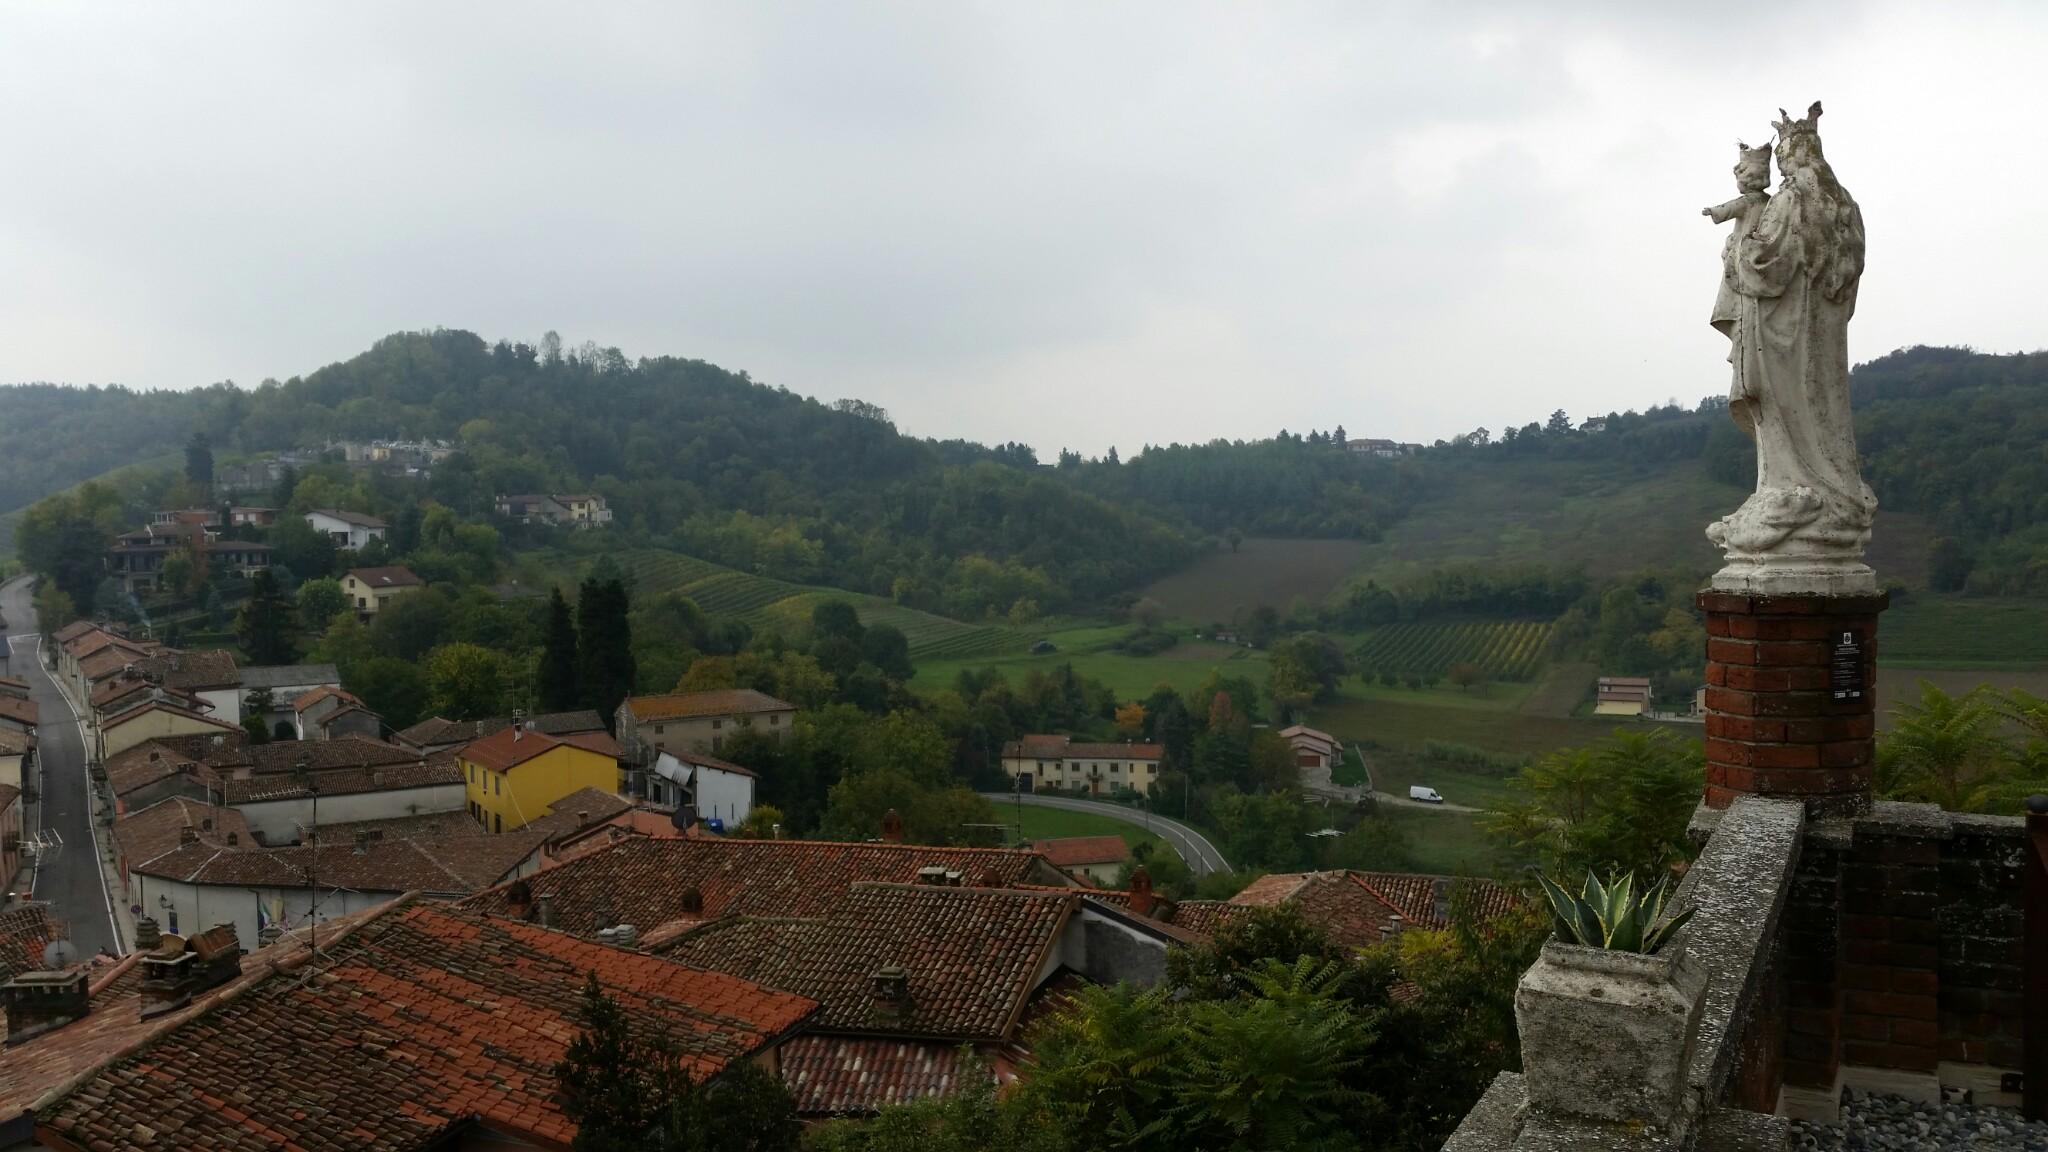 Scorcio paesaggistico nel Monferrato Casalese (Ozzano Monferrato)